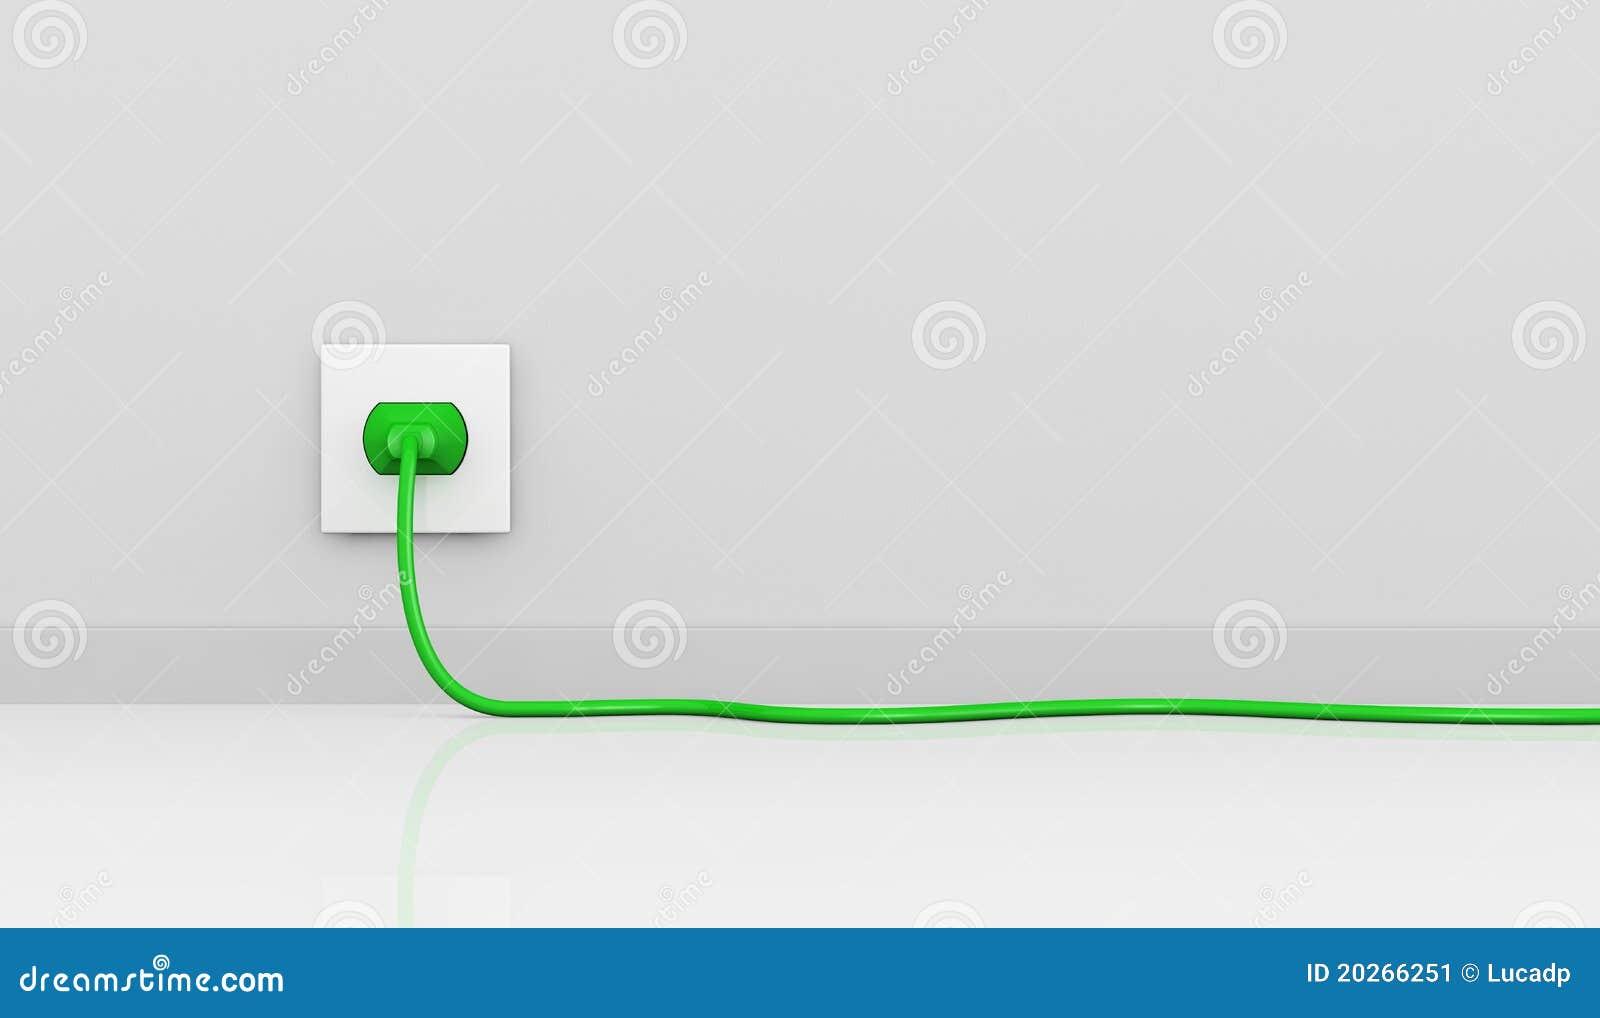 Elektrischer Bolzen stock abbildung. Illustration von haus - 20266251